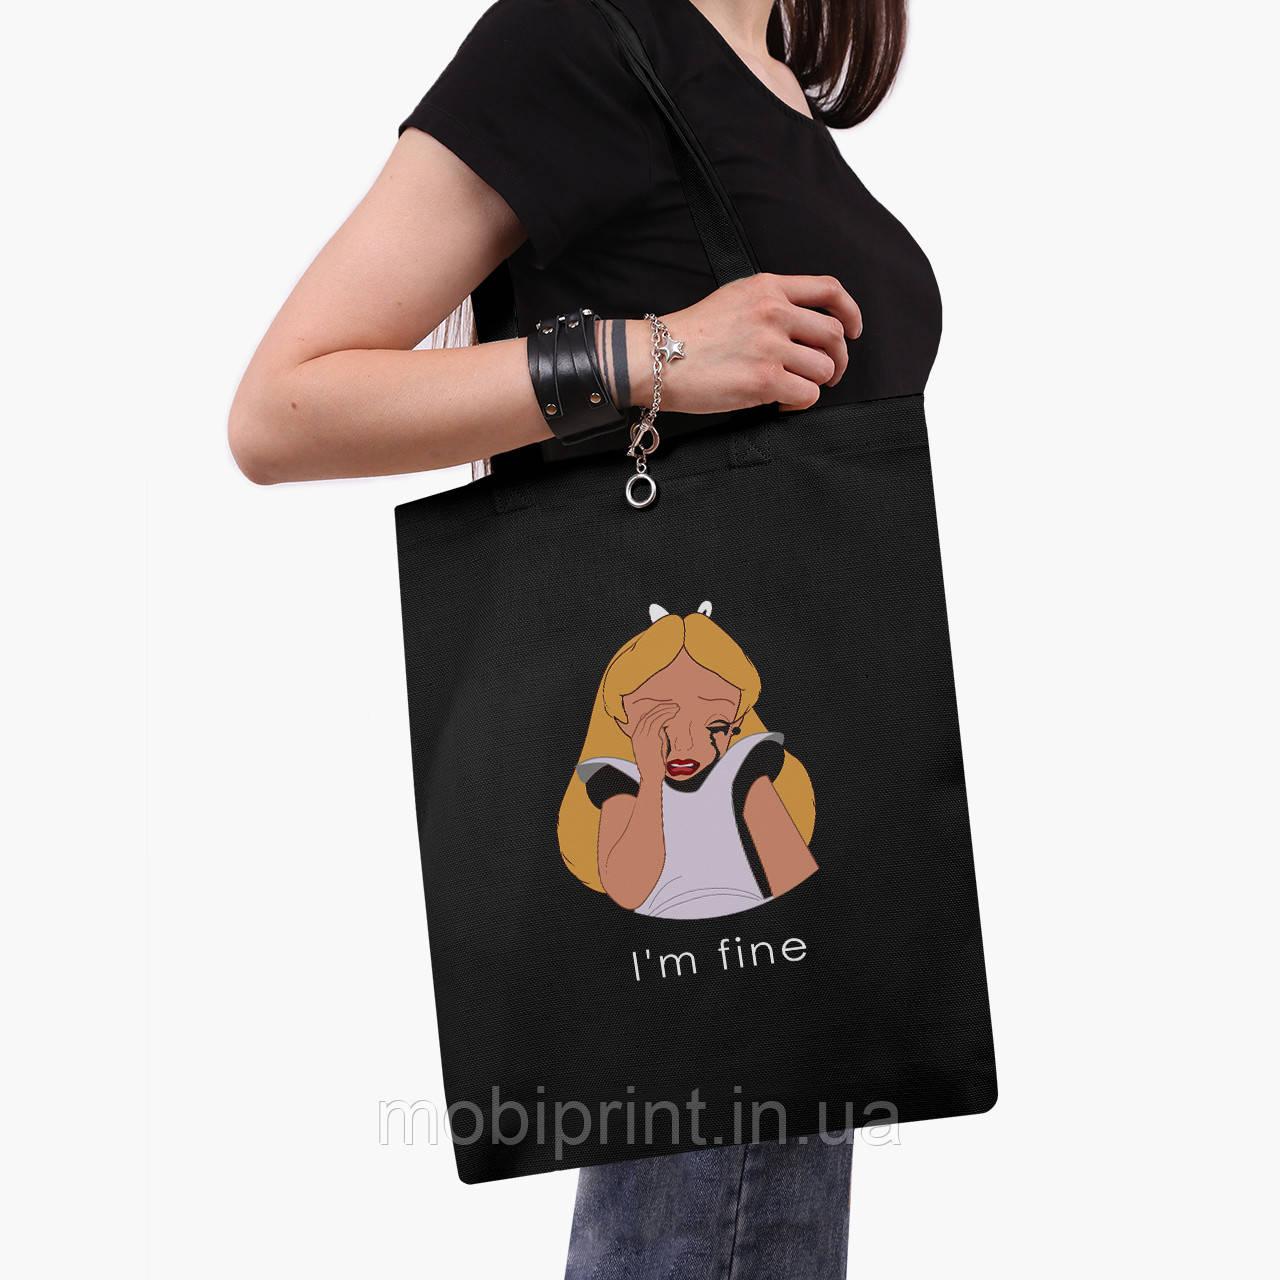 """Эко сумка шоппер черная Алиса я в порядке """"Дисней"""" (9227-1440-2) экосумка шопер 41*35 см"""